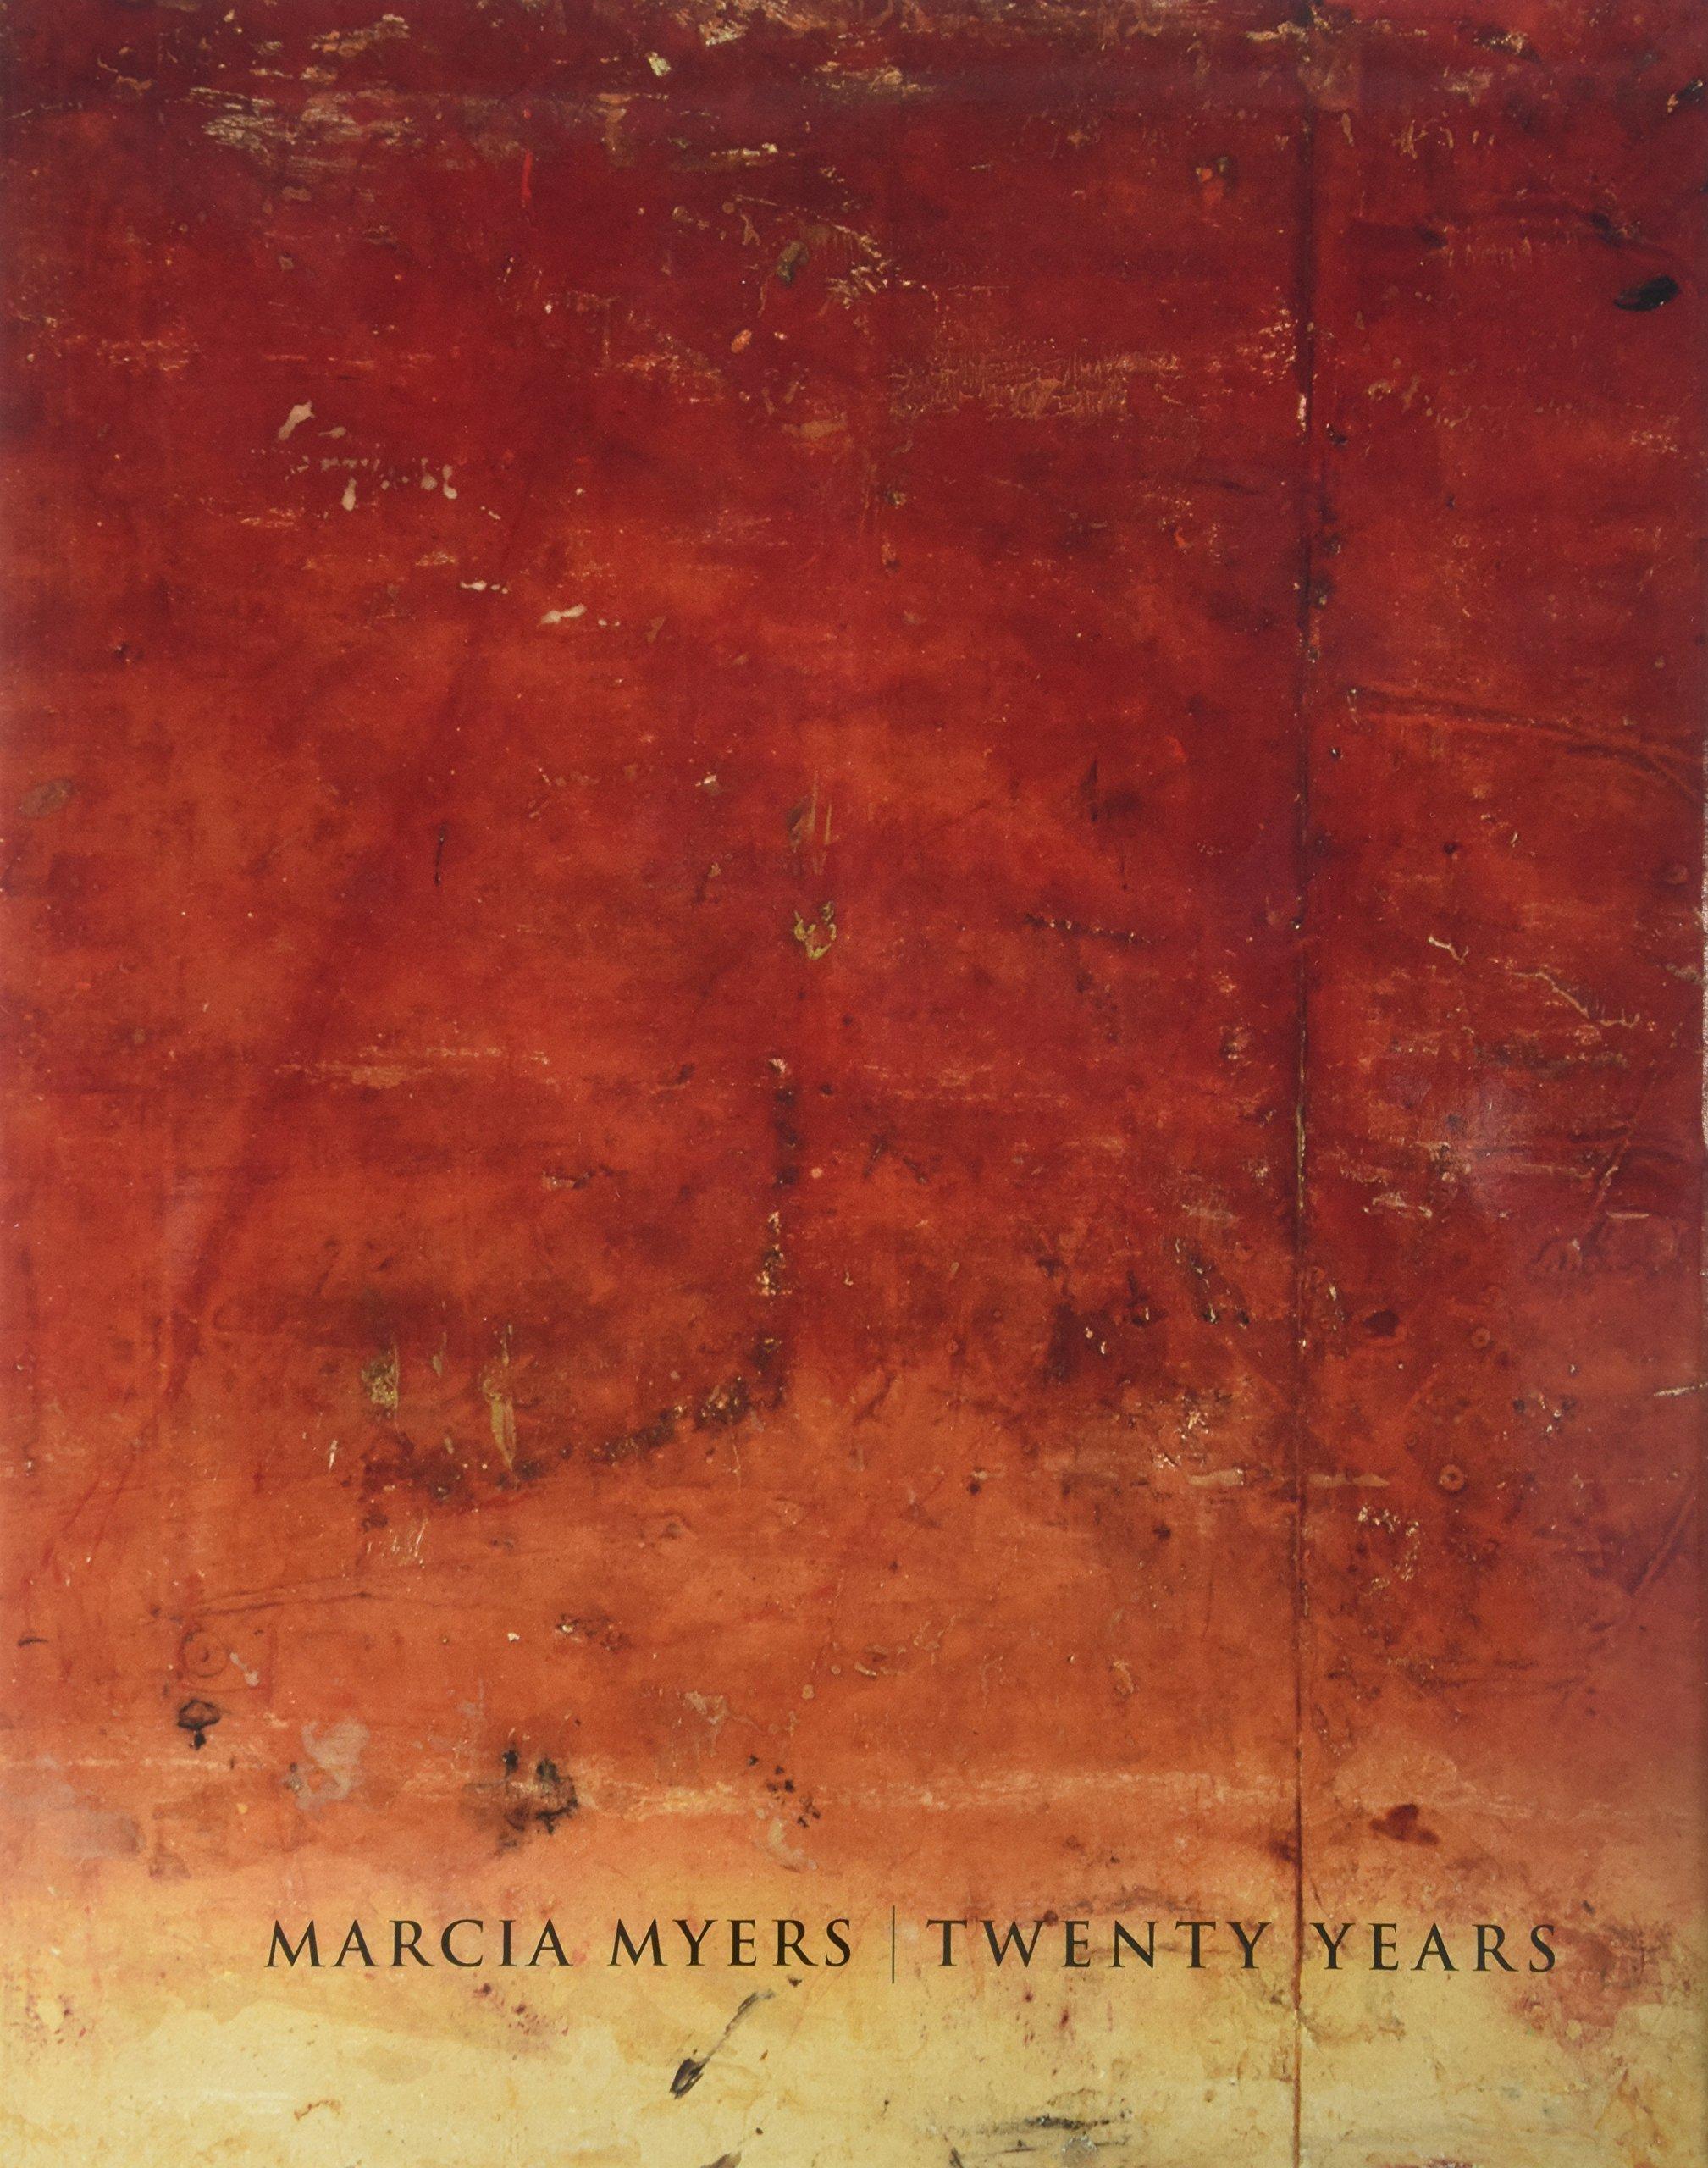 Download Marcia Myers Twenty Years: Paintings & Works on Paper 1982-2002 ebook